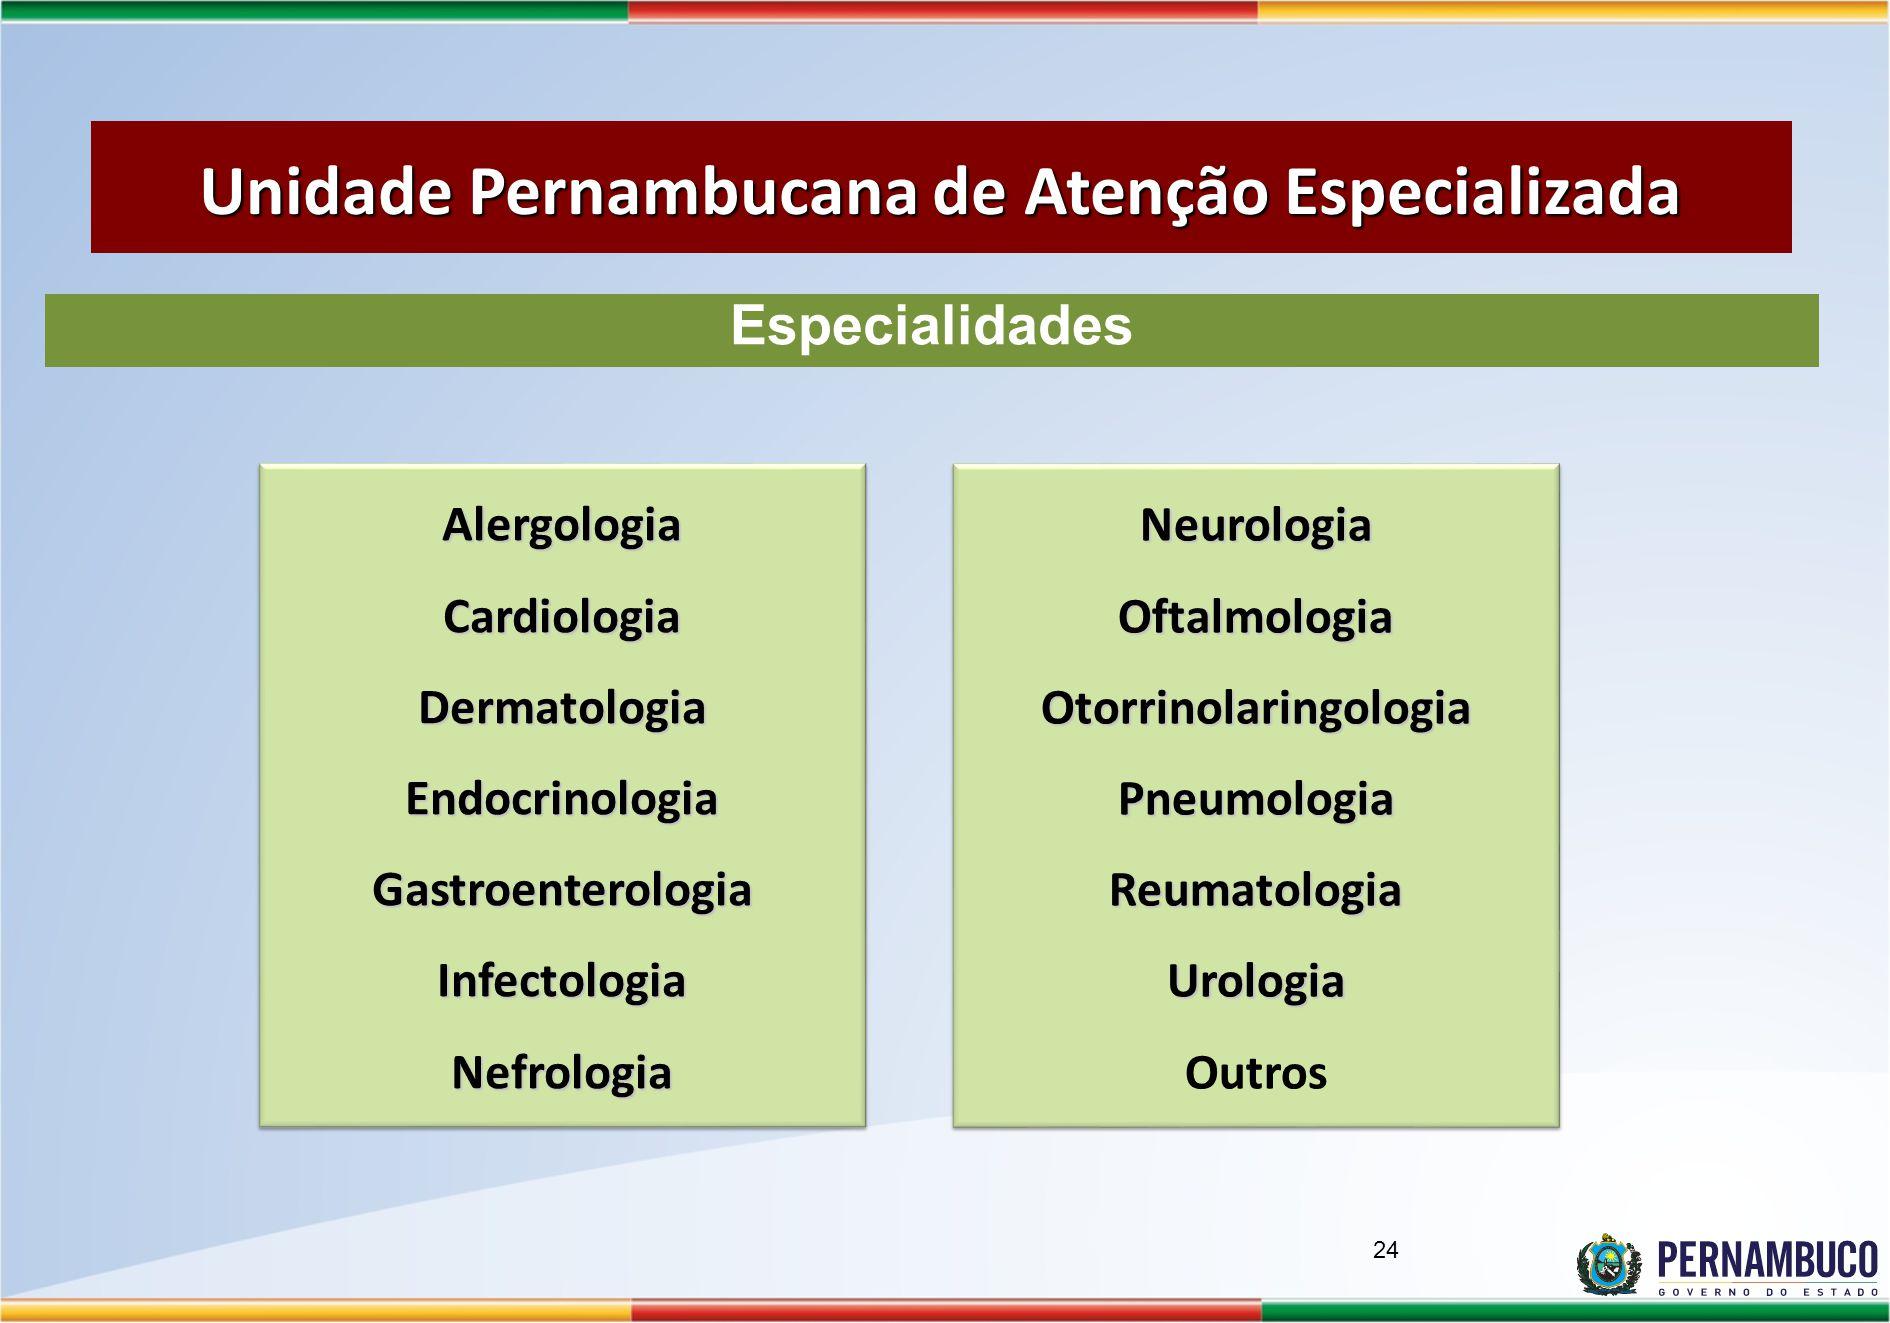 Unidade Pernambucana de Atenção Especializada Otorrinolaringologia